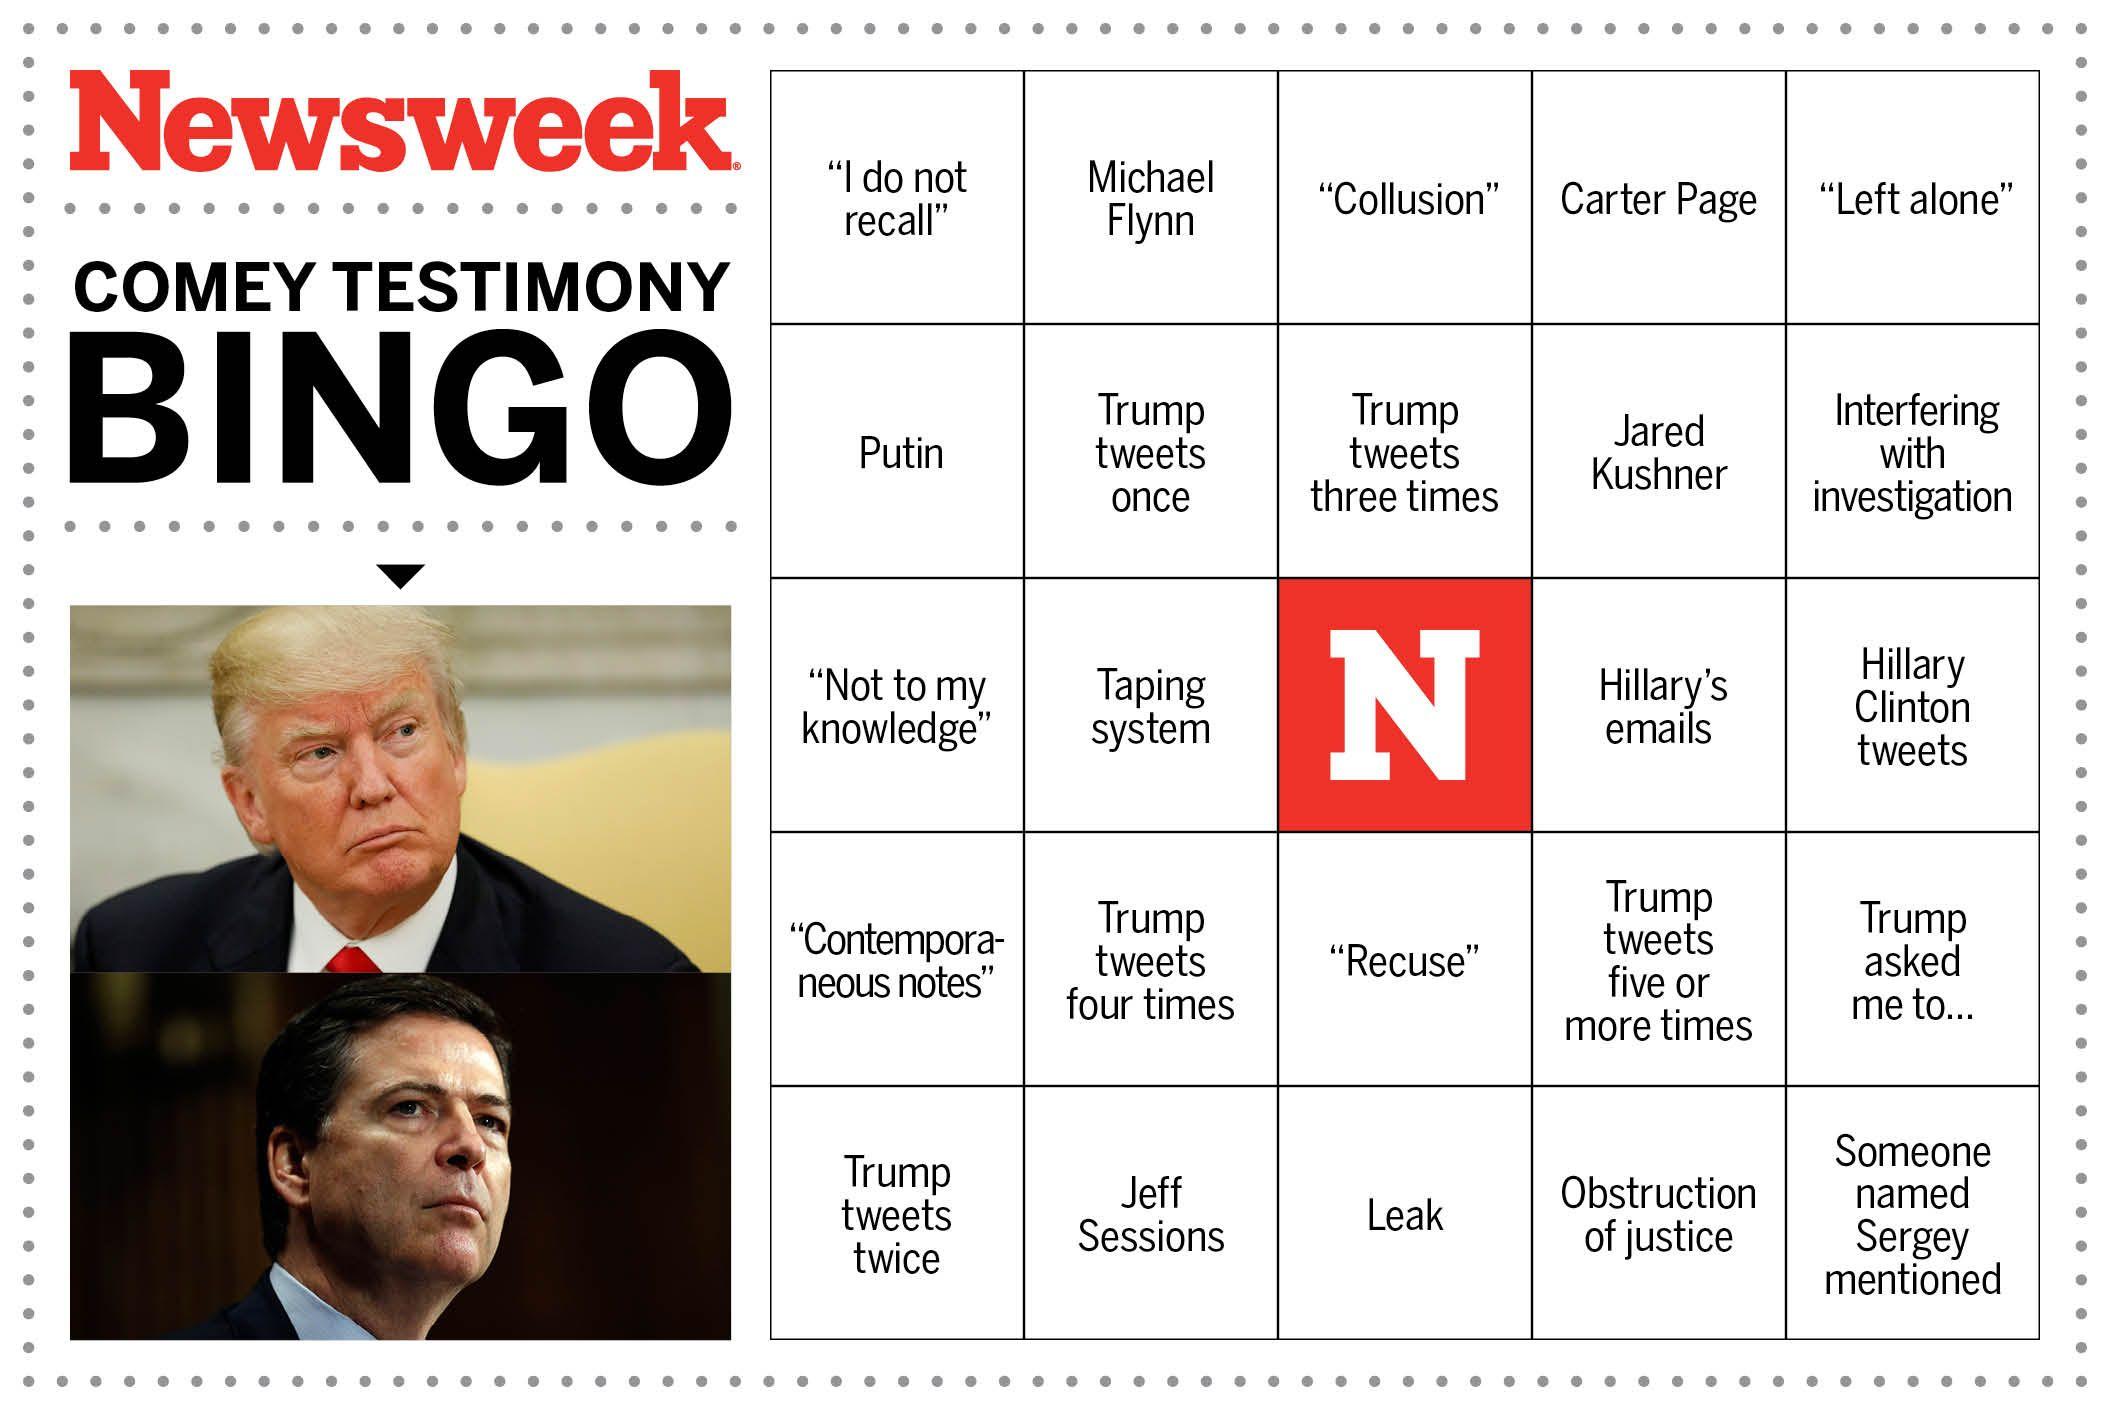 Comey Testimony Bingo